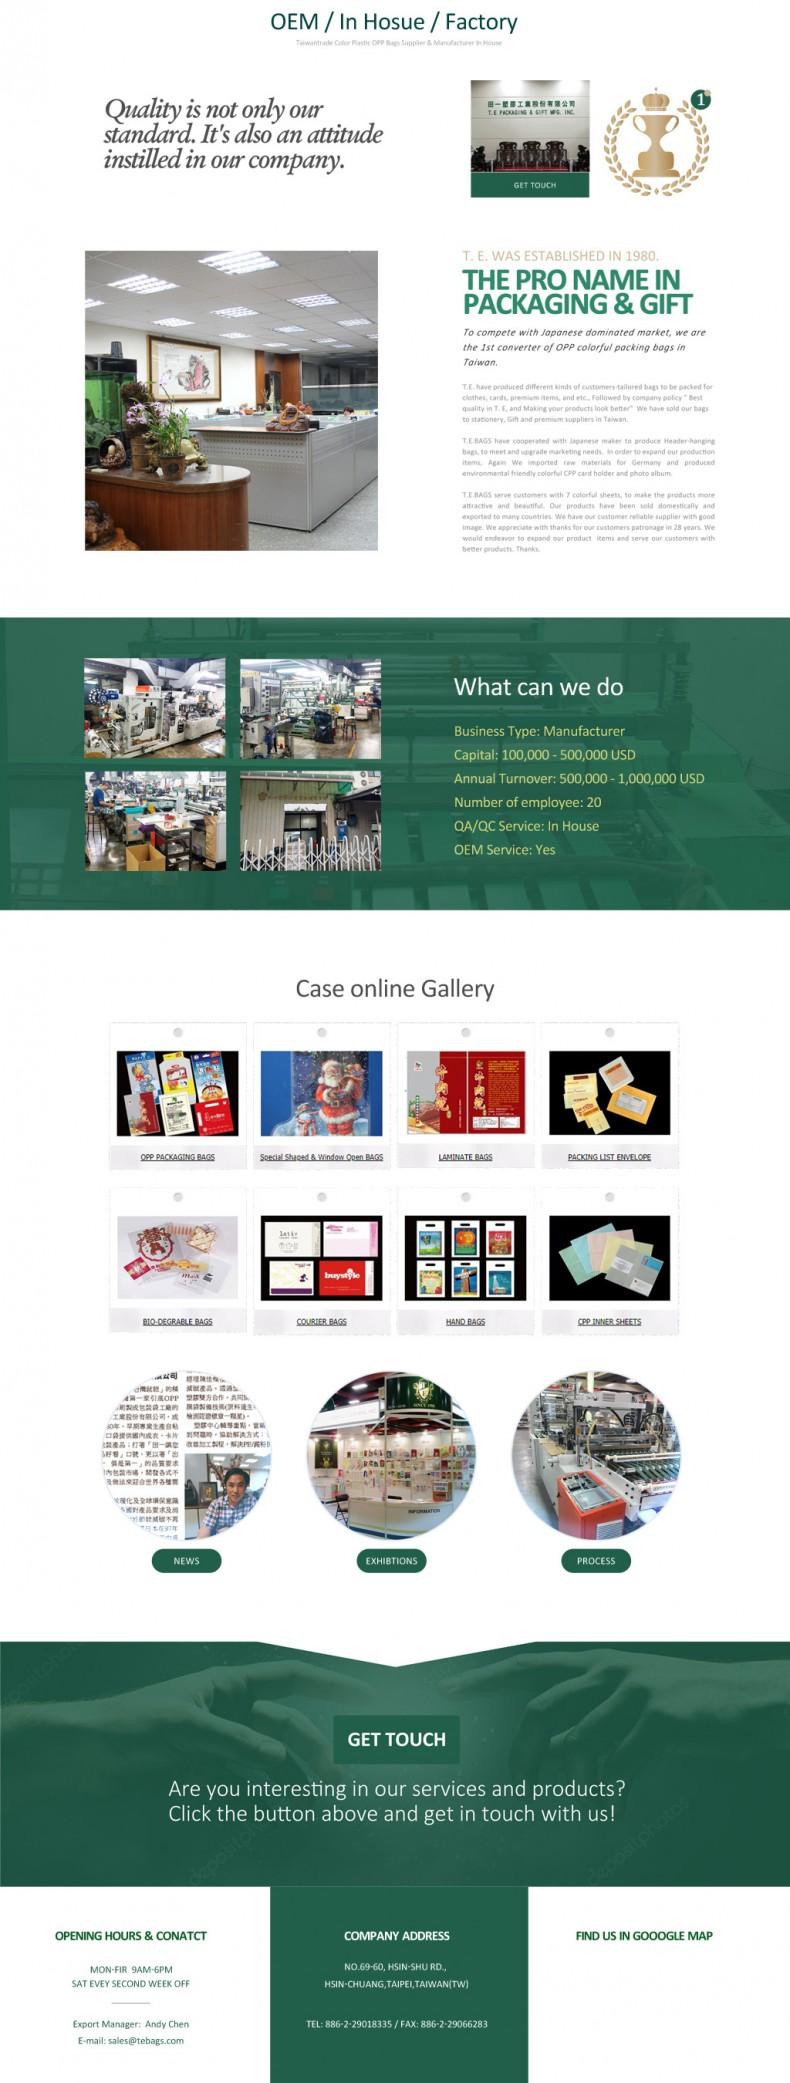 馬克錸網站設計 > 網站設計圖展示 田一塑膠工業股份有限公司